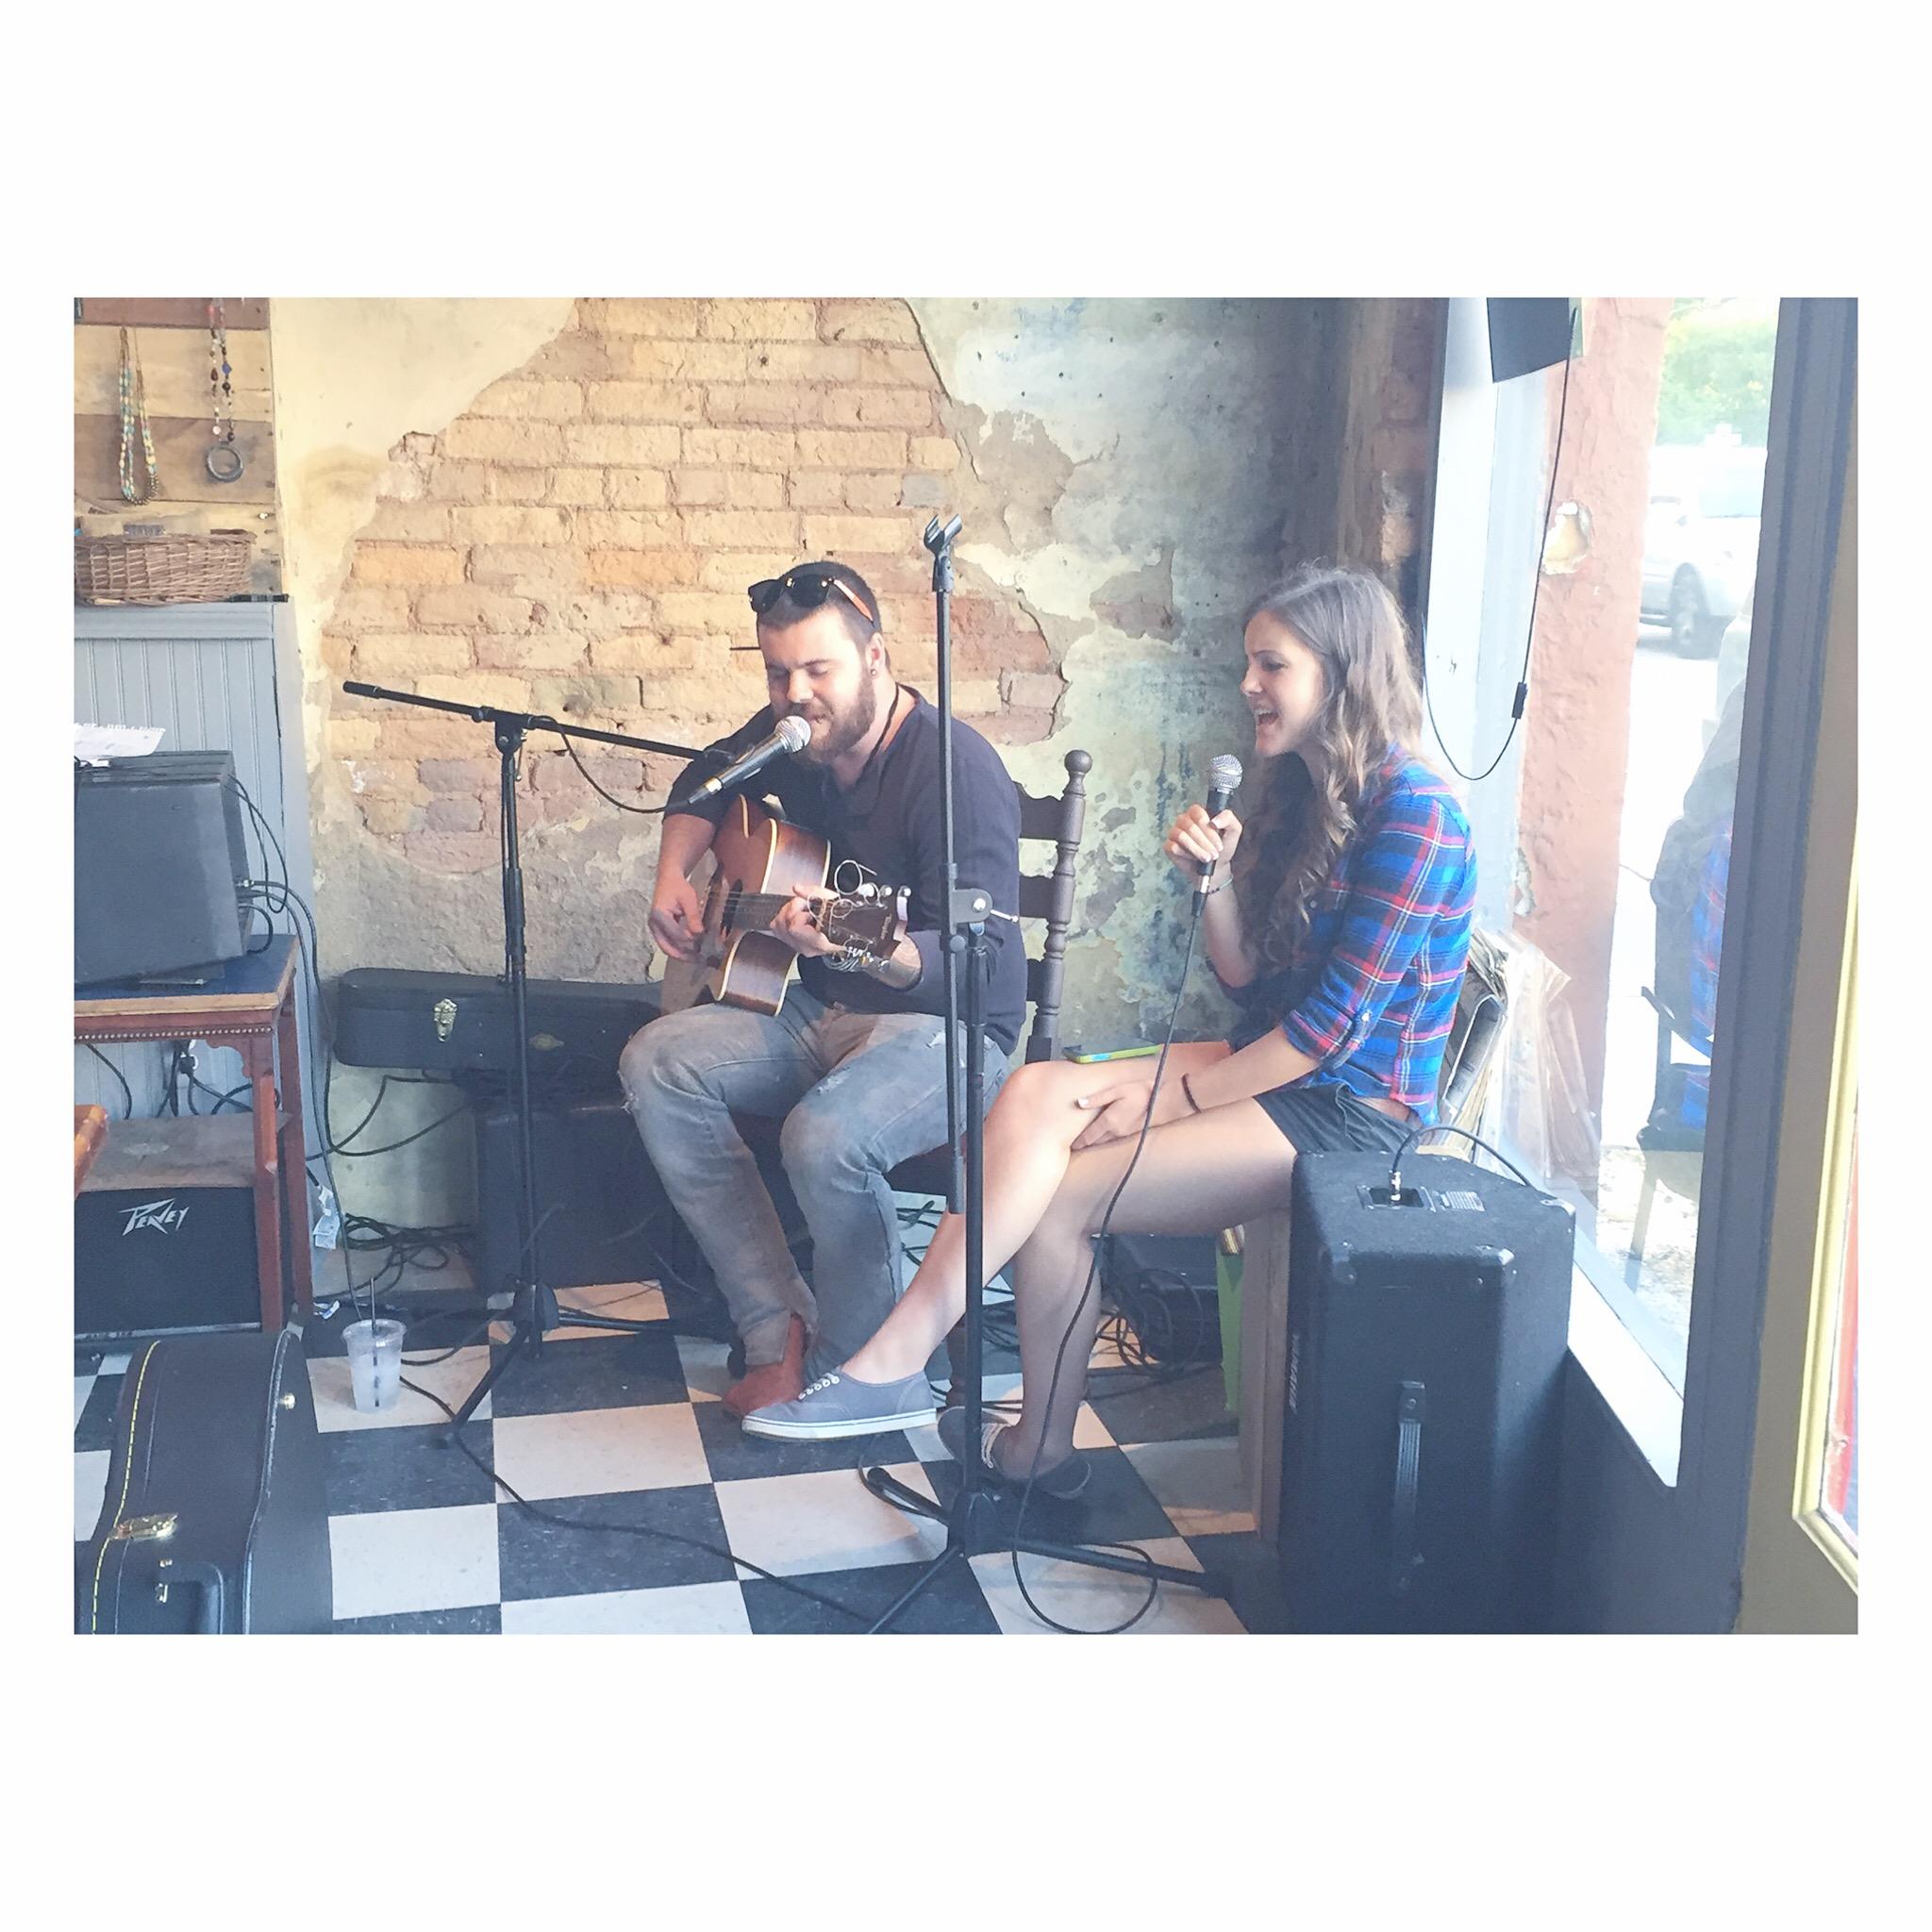 Live music atAWAKE coffee co open mic night.